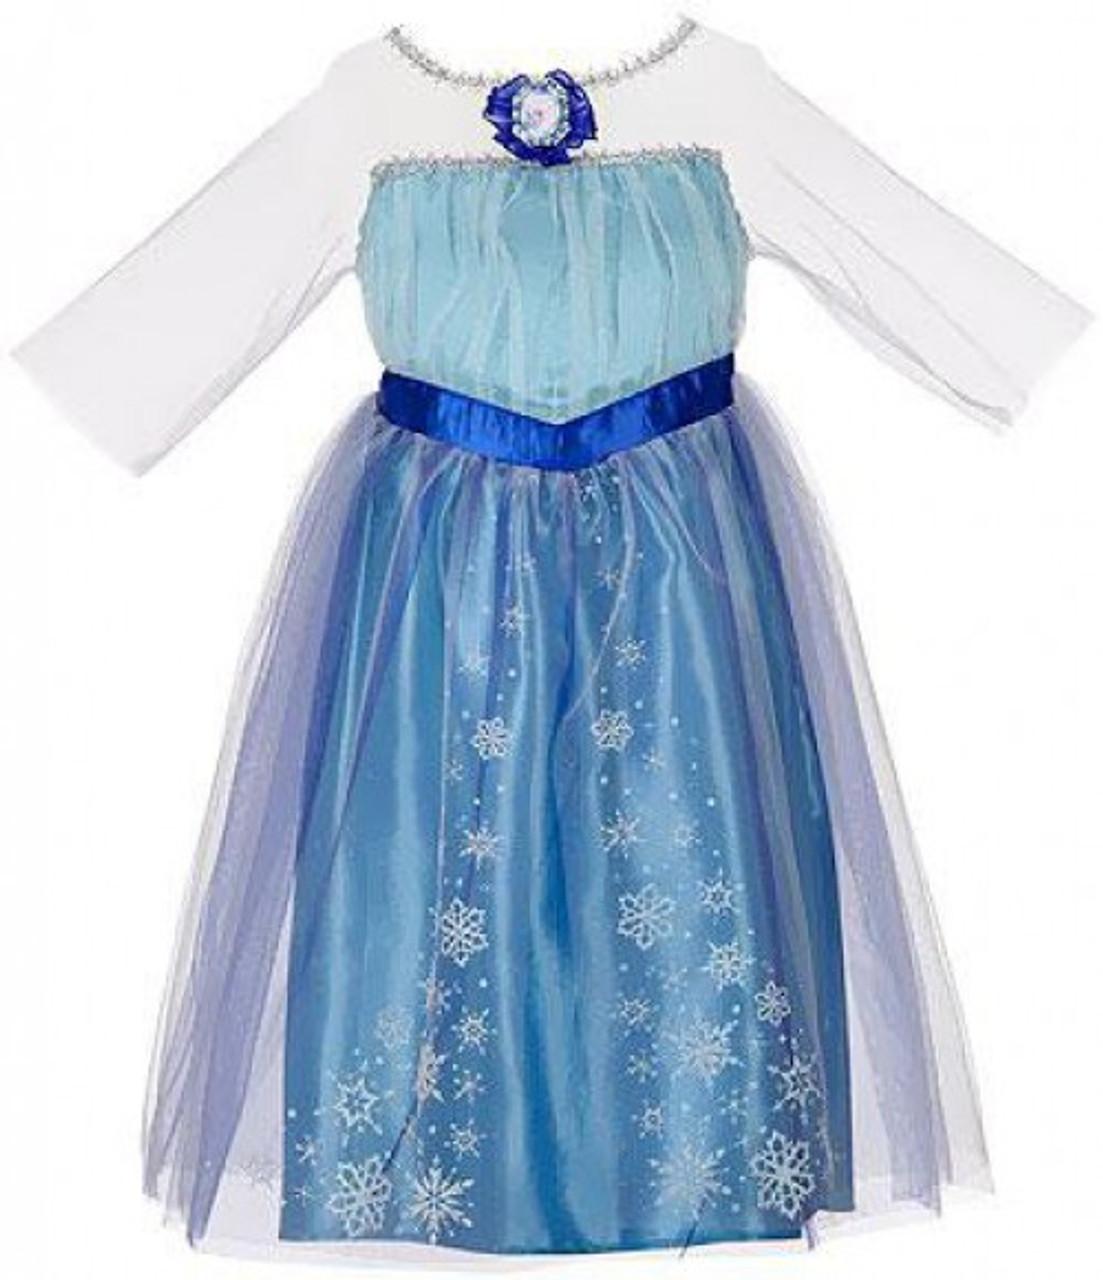 Disney Frozen Elsa Dress Up Toy [Size 4-6X]